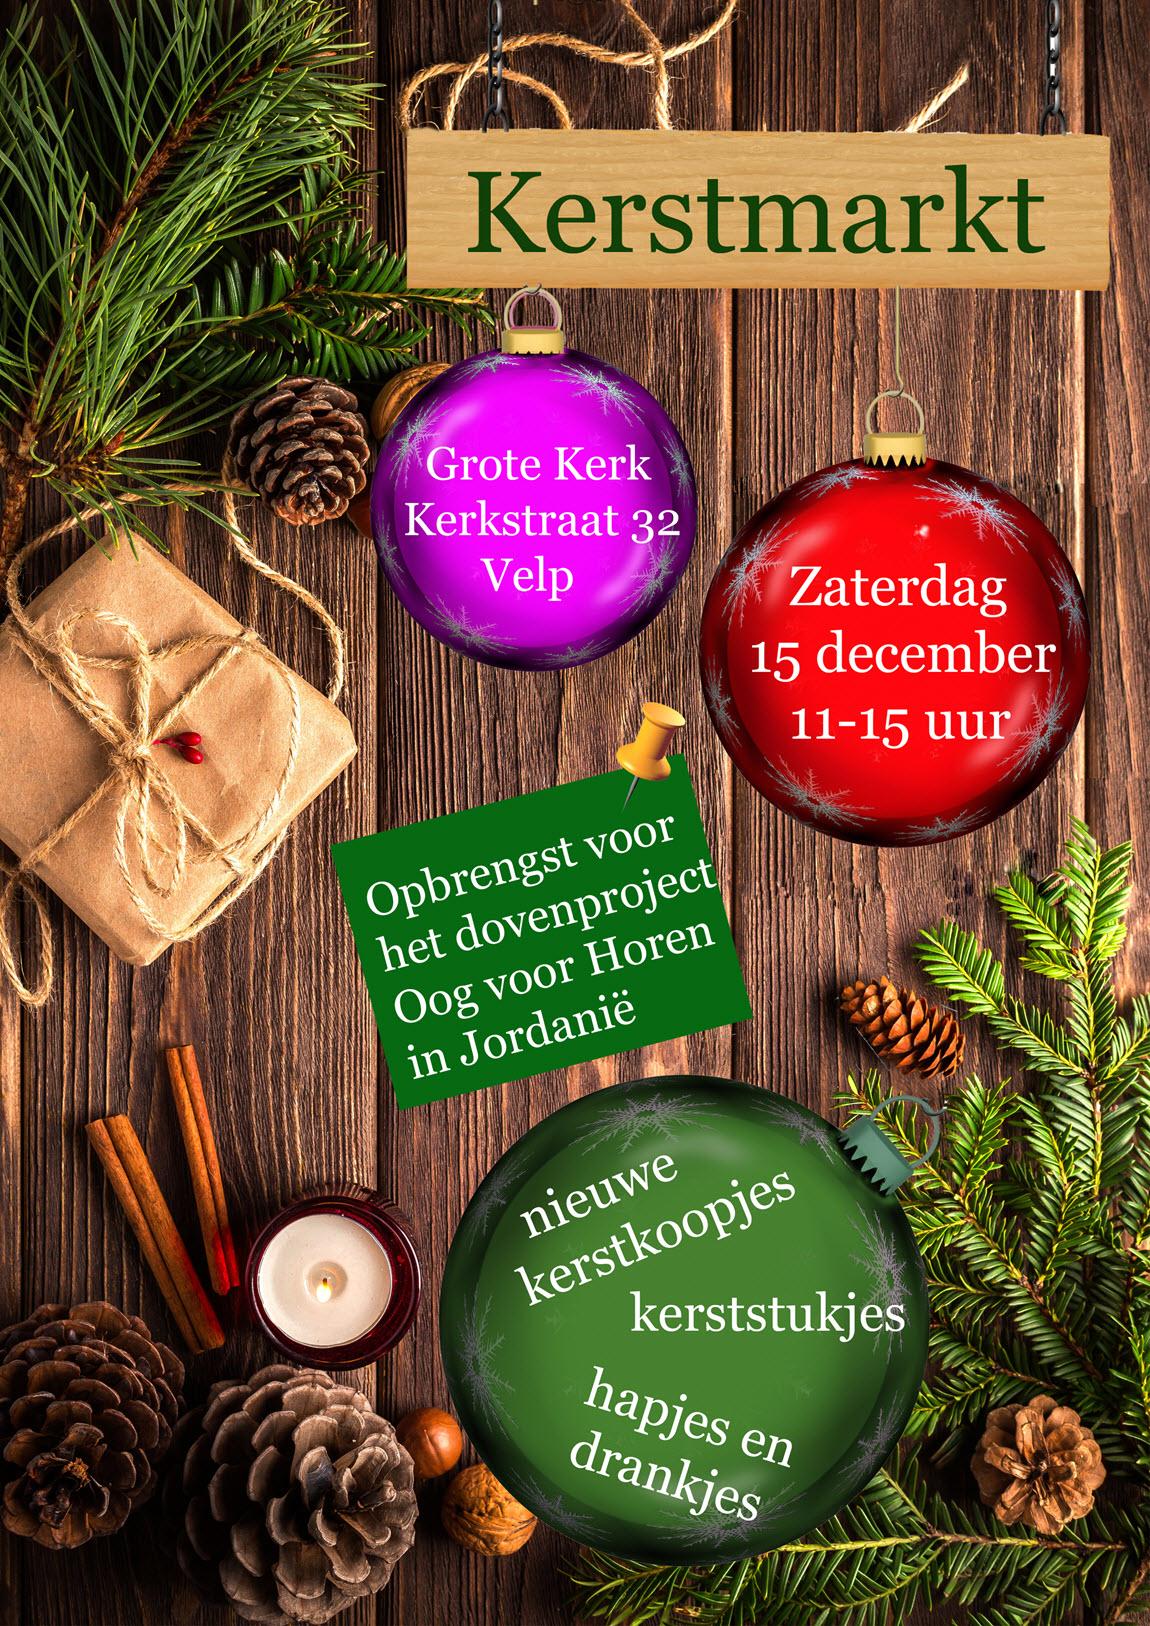 Kerstmarkt Grote Kerk Velp 2018